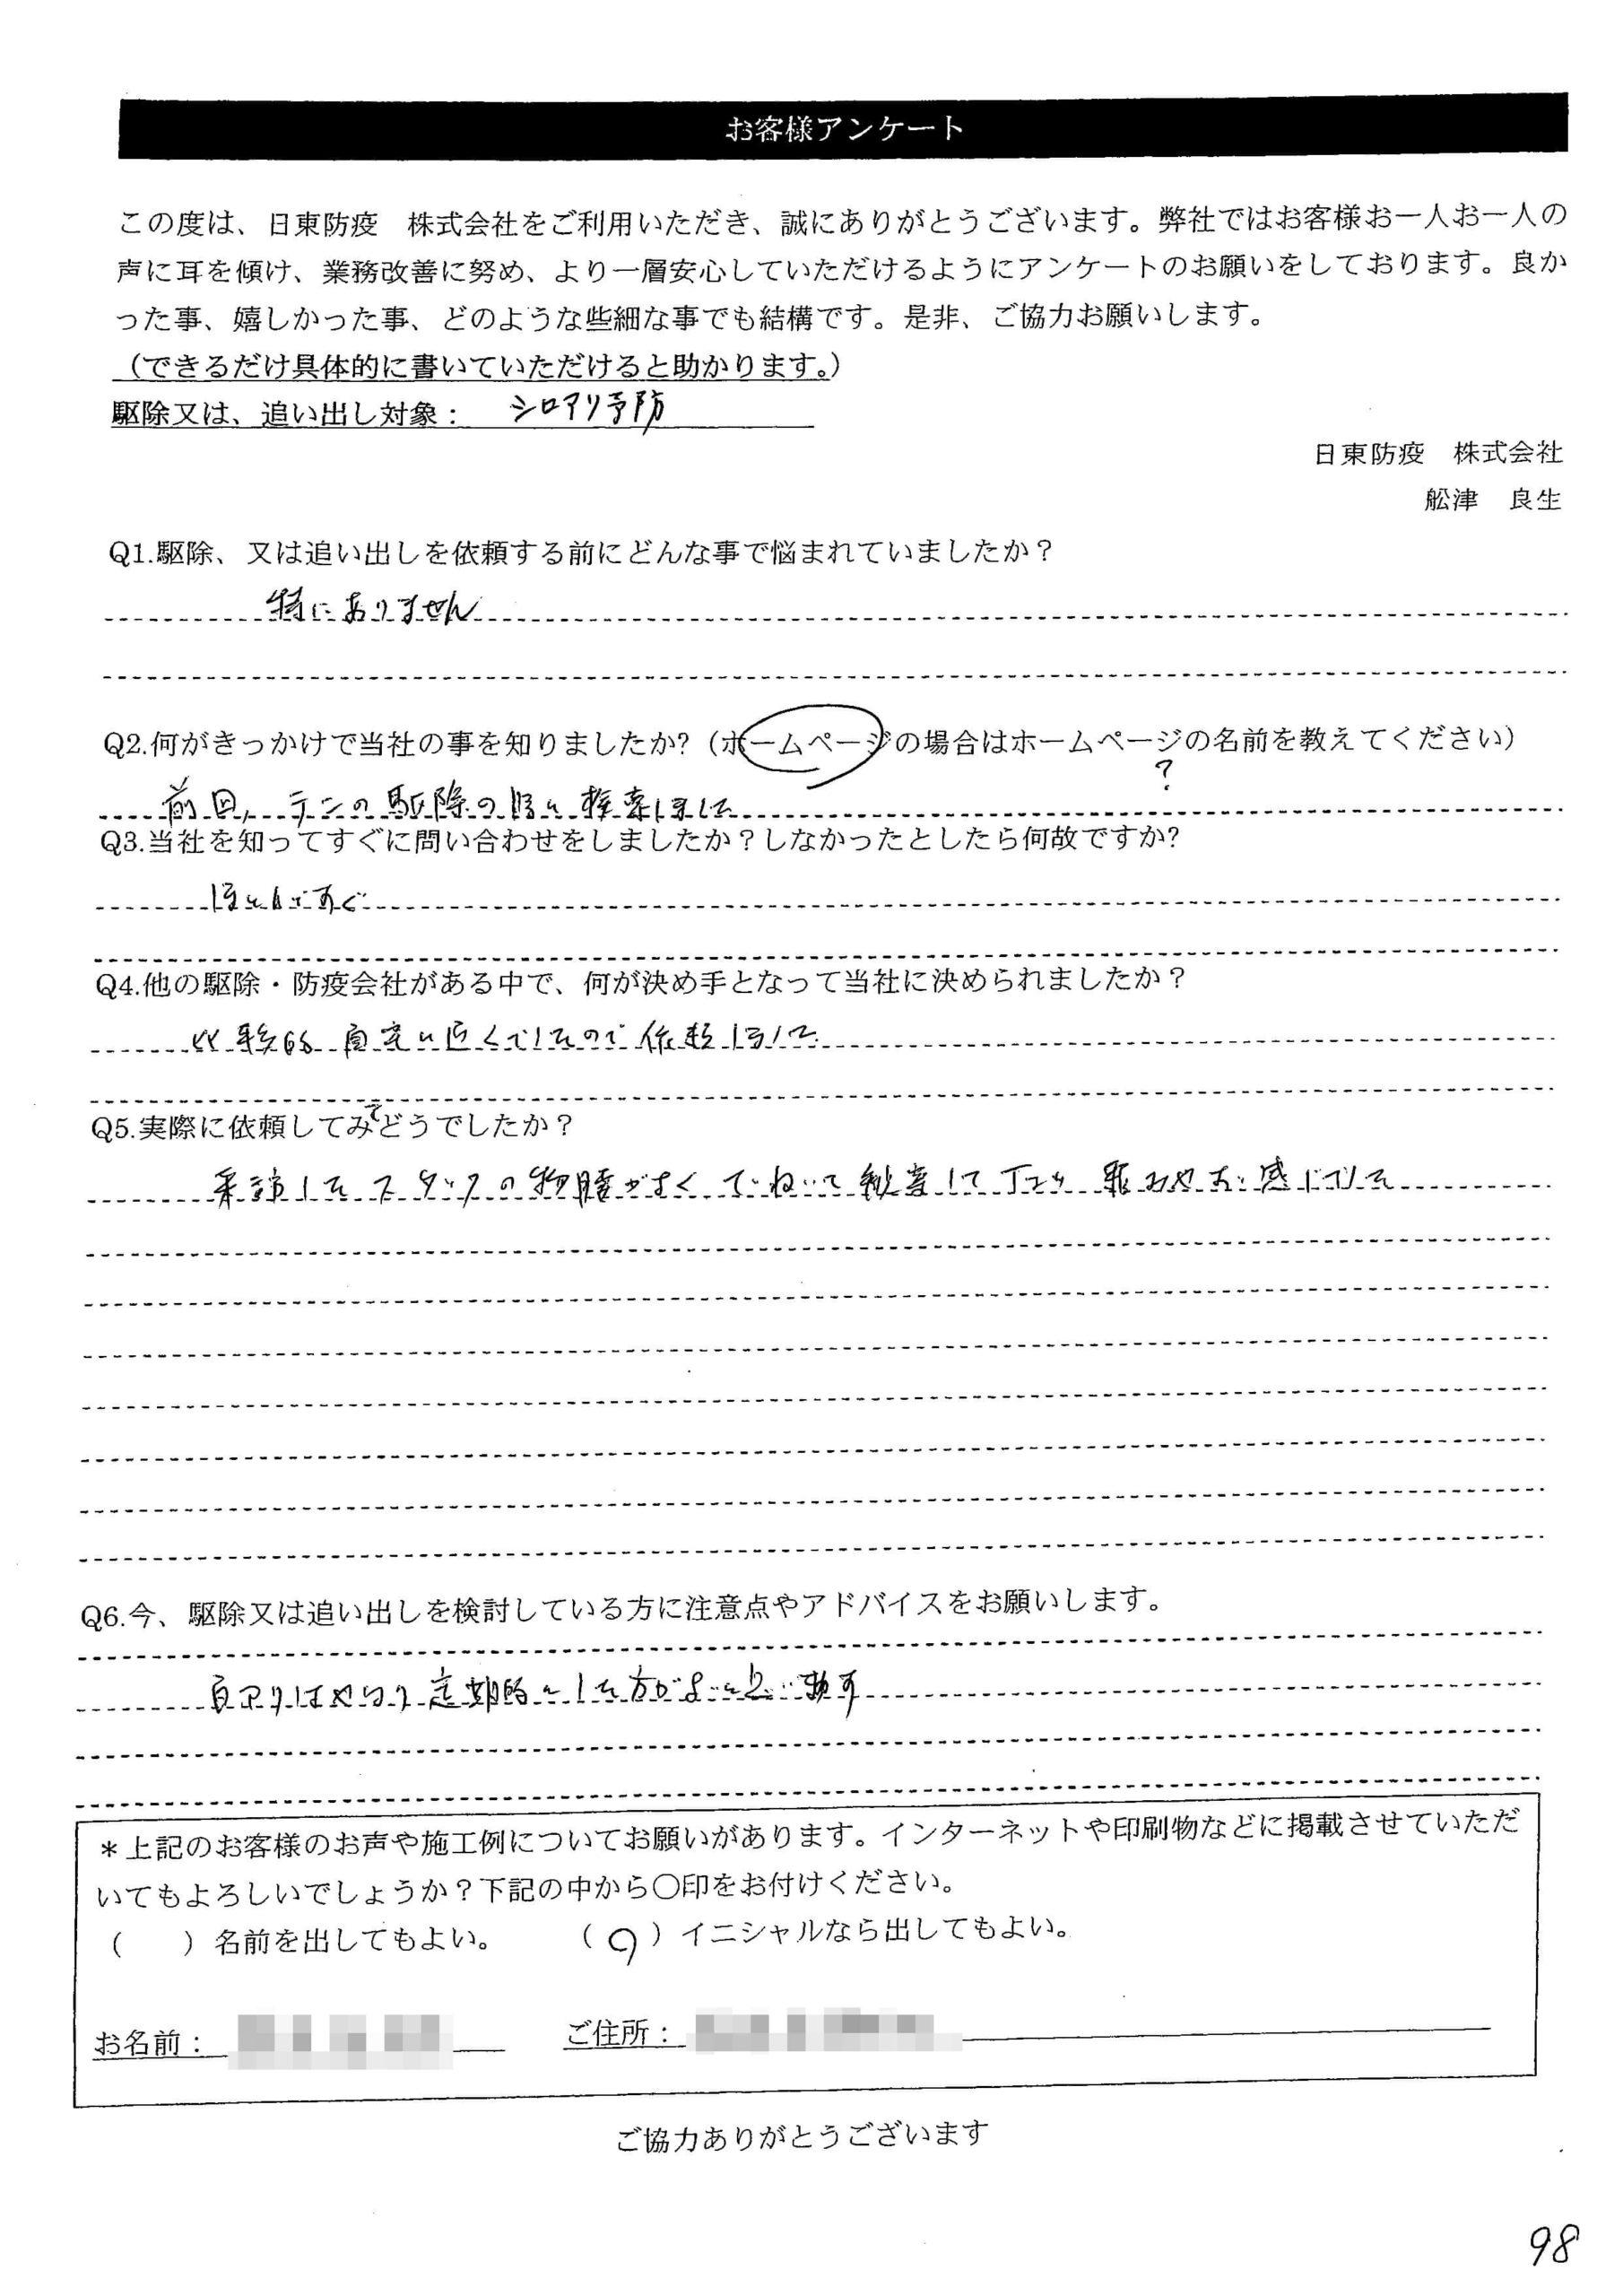 画像:M.S様アンケート用紙